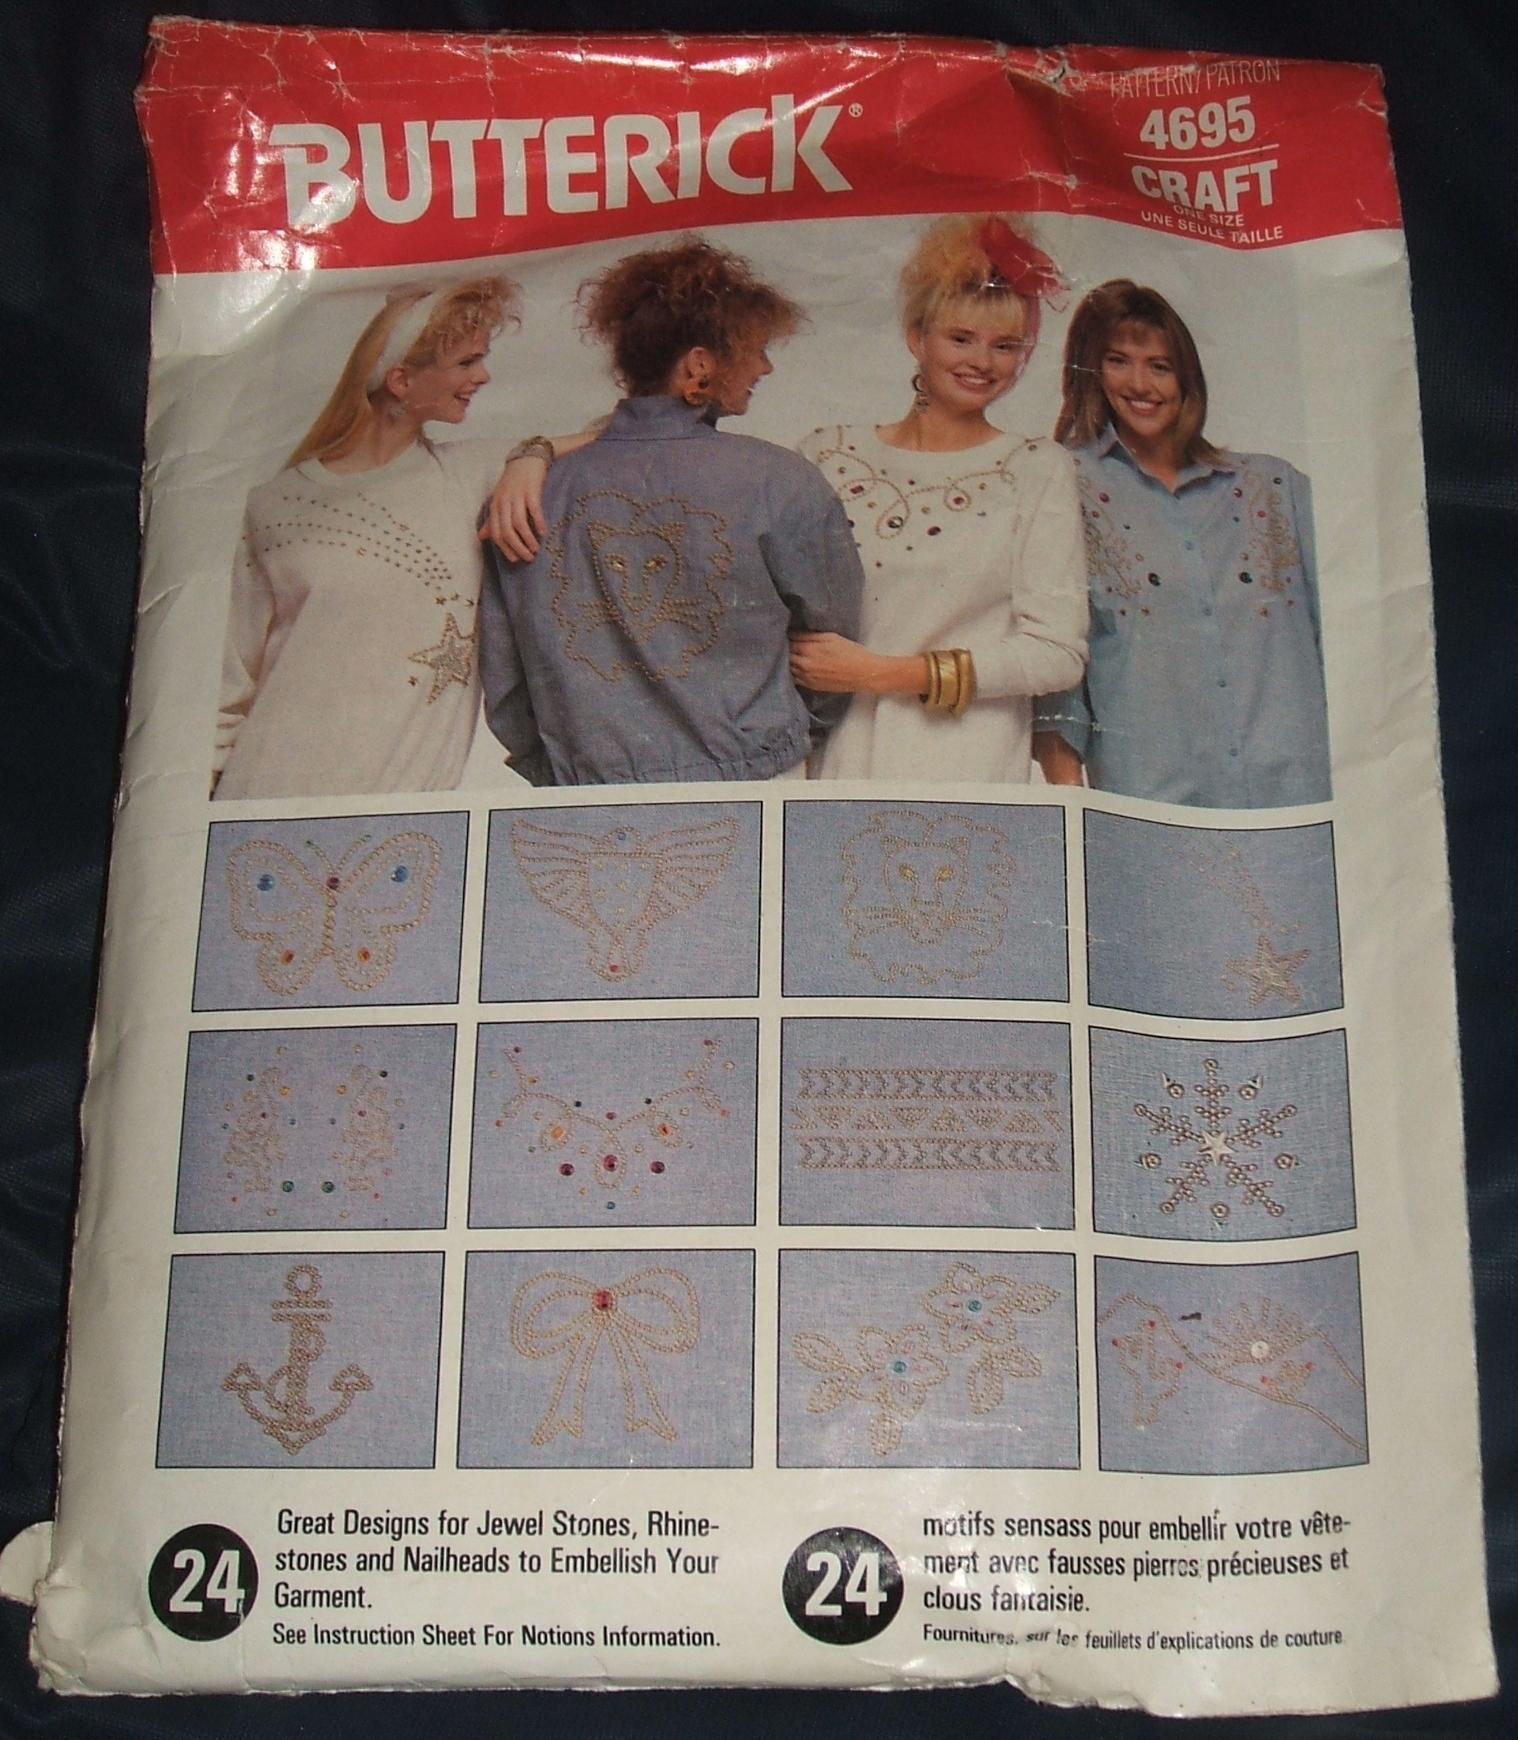 Butterick 4695 B